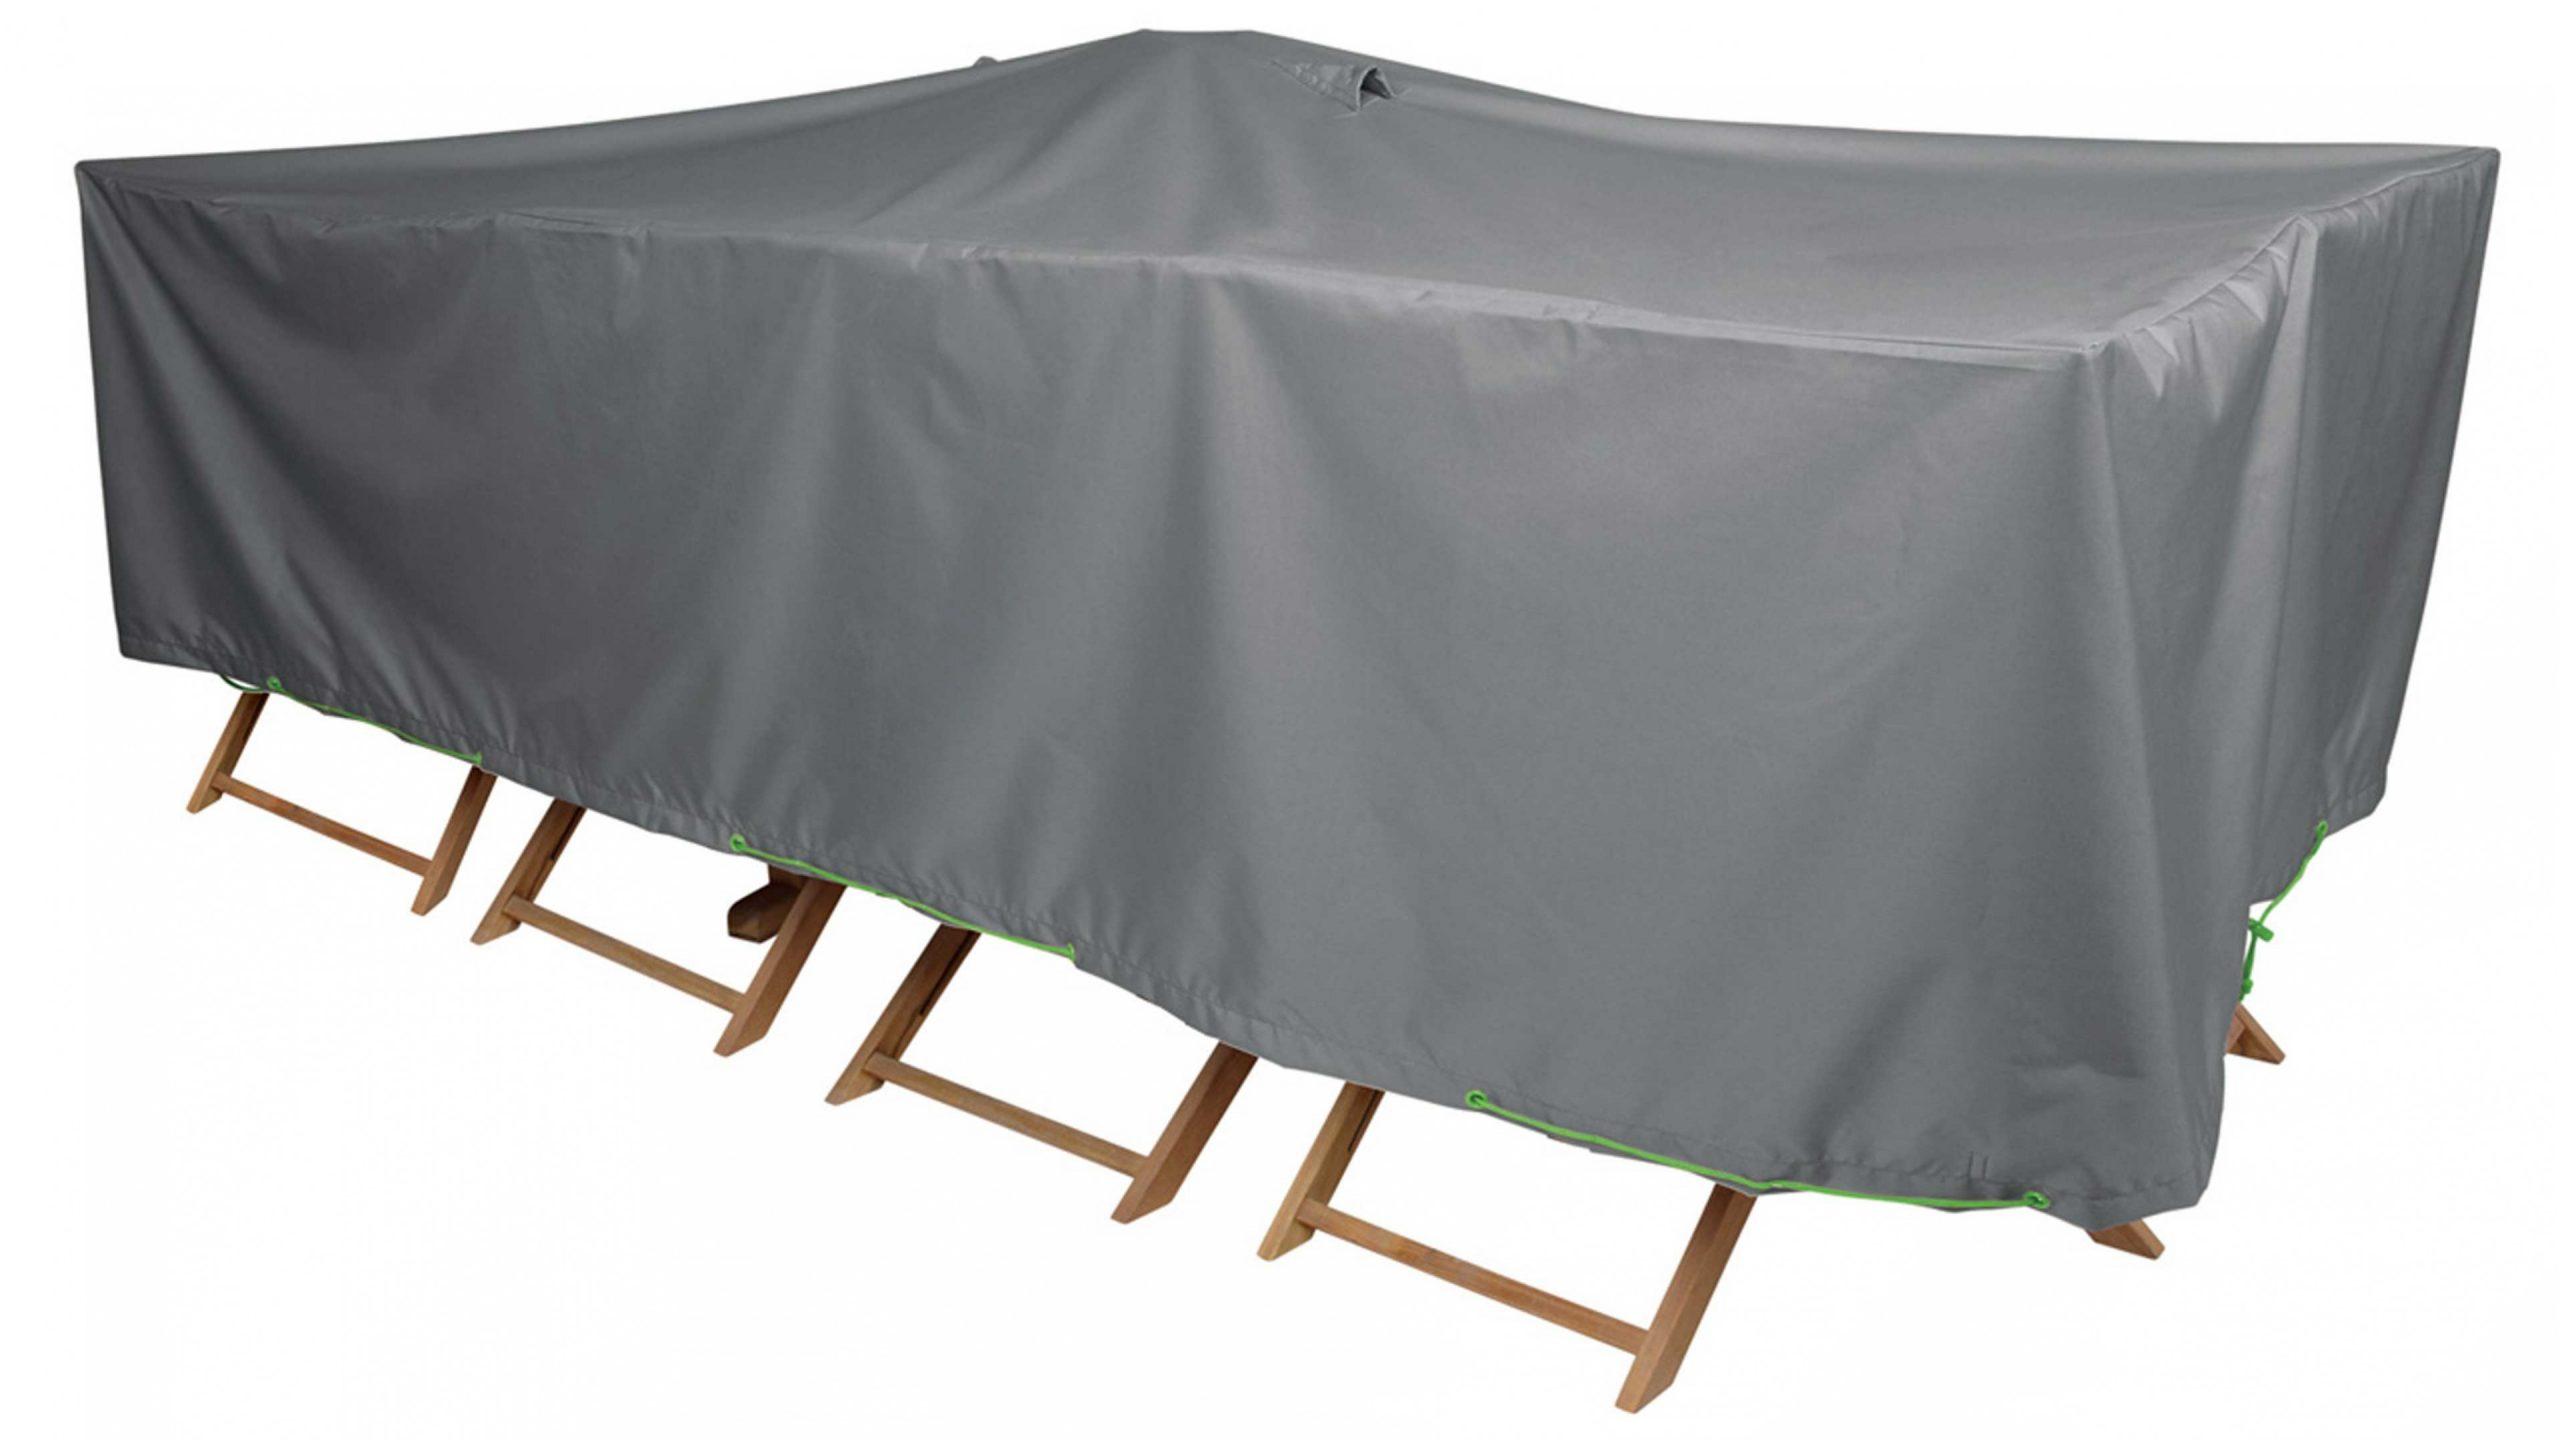 Housse Table Jardin 310 Cm | Cov Up concernant Housse Table Jardin Rectangulaire